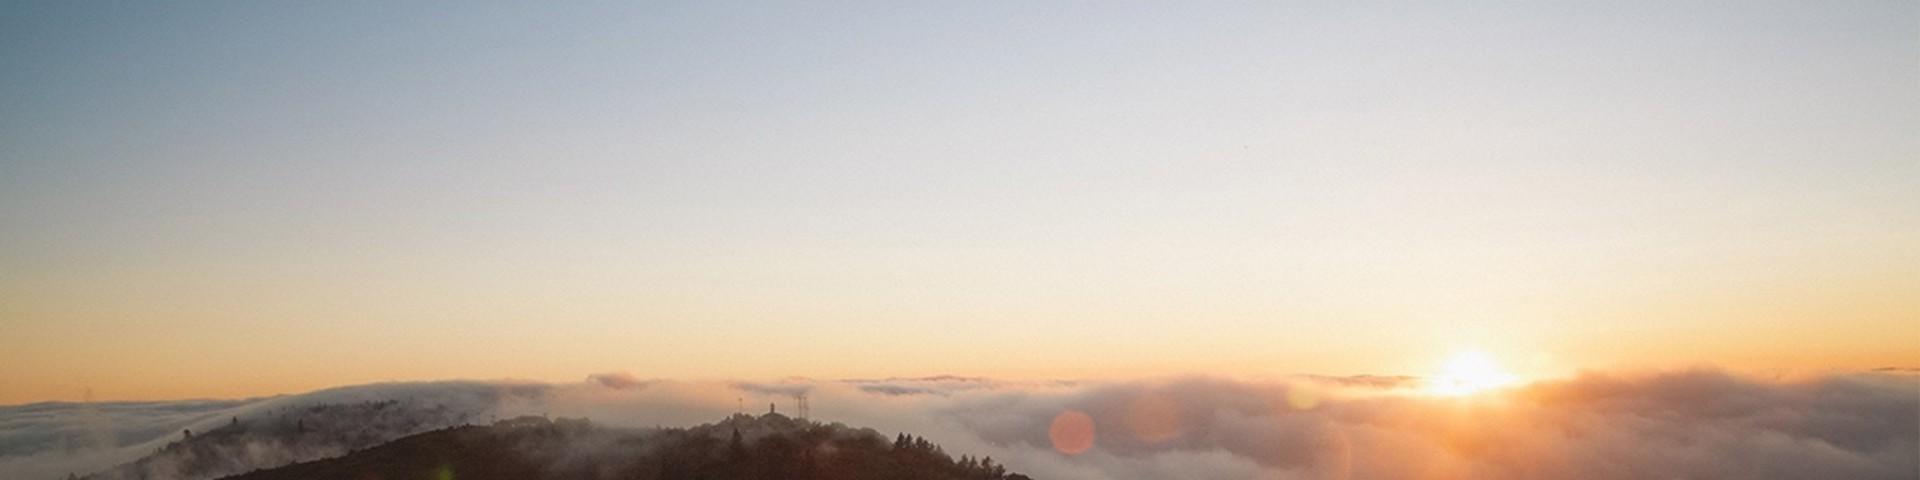 Morning view on a Himalayan trek